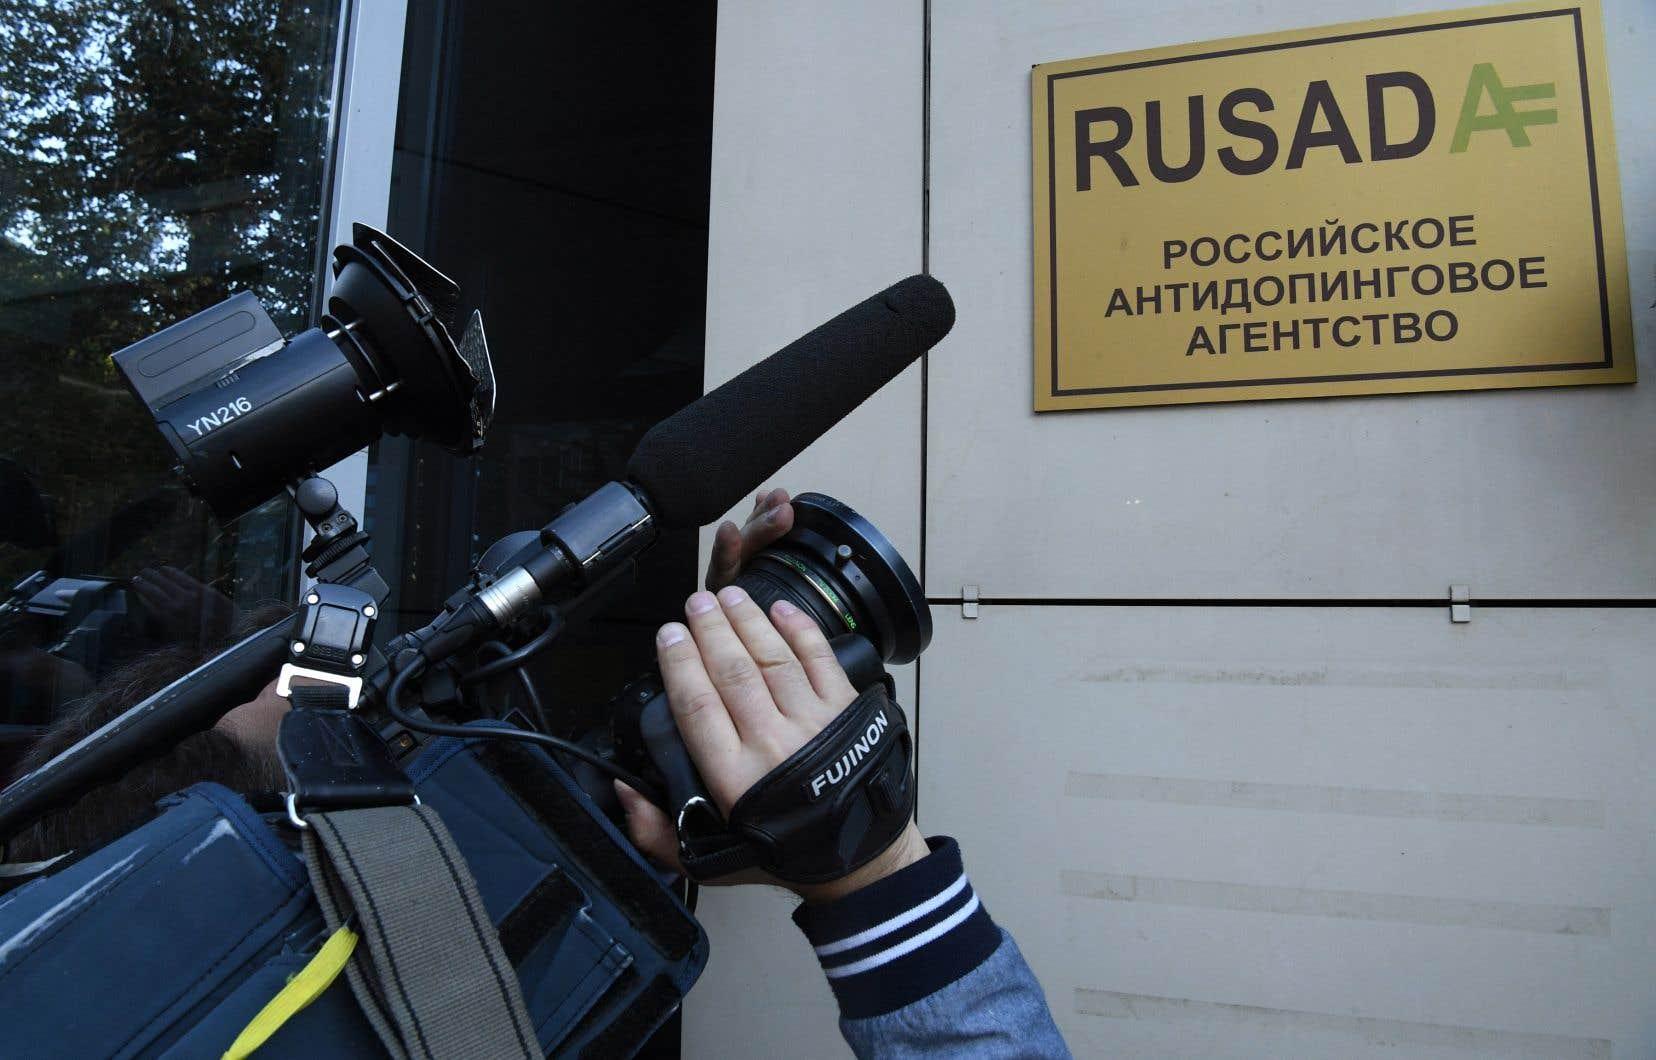 L'agence antidopage de Russie, la RUSADA, pourrait être sanctionnée par l'AMA.